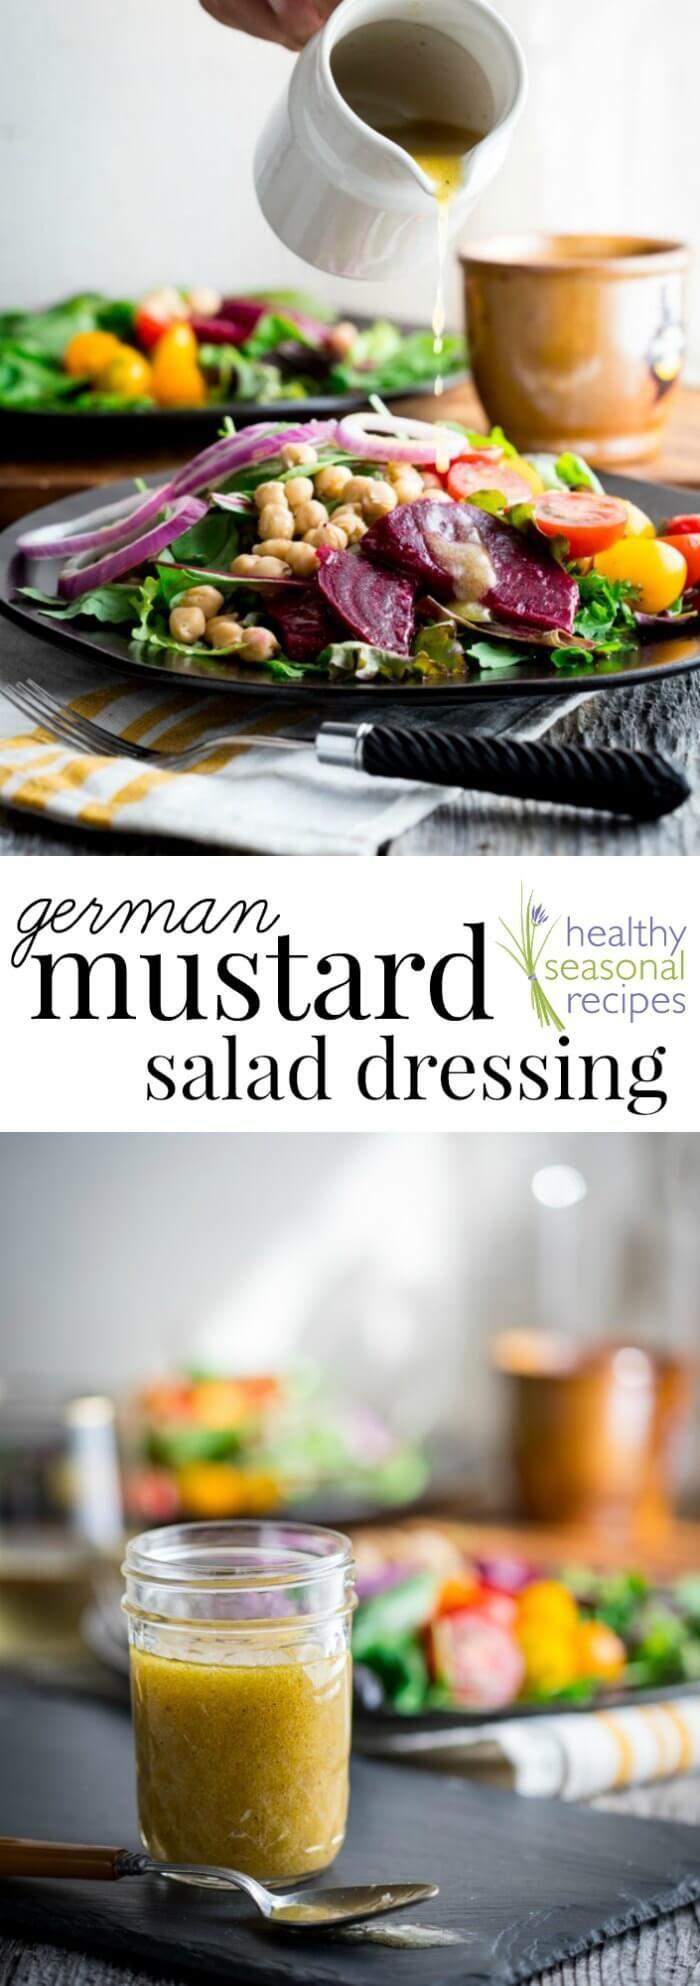 Mustard Salad Dressing Recipe Recipes Healthy Salad Dressing Salad Dressing Recipes [ 1986 x 700 Pixel ]